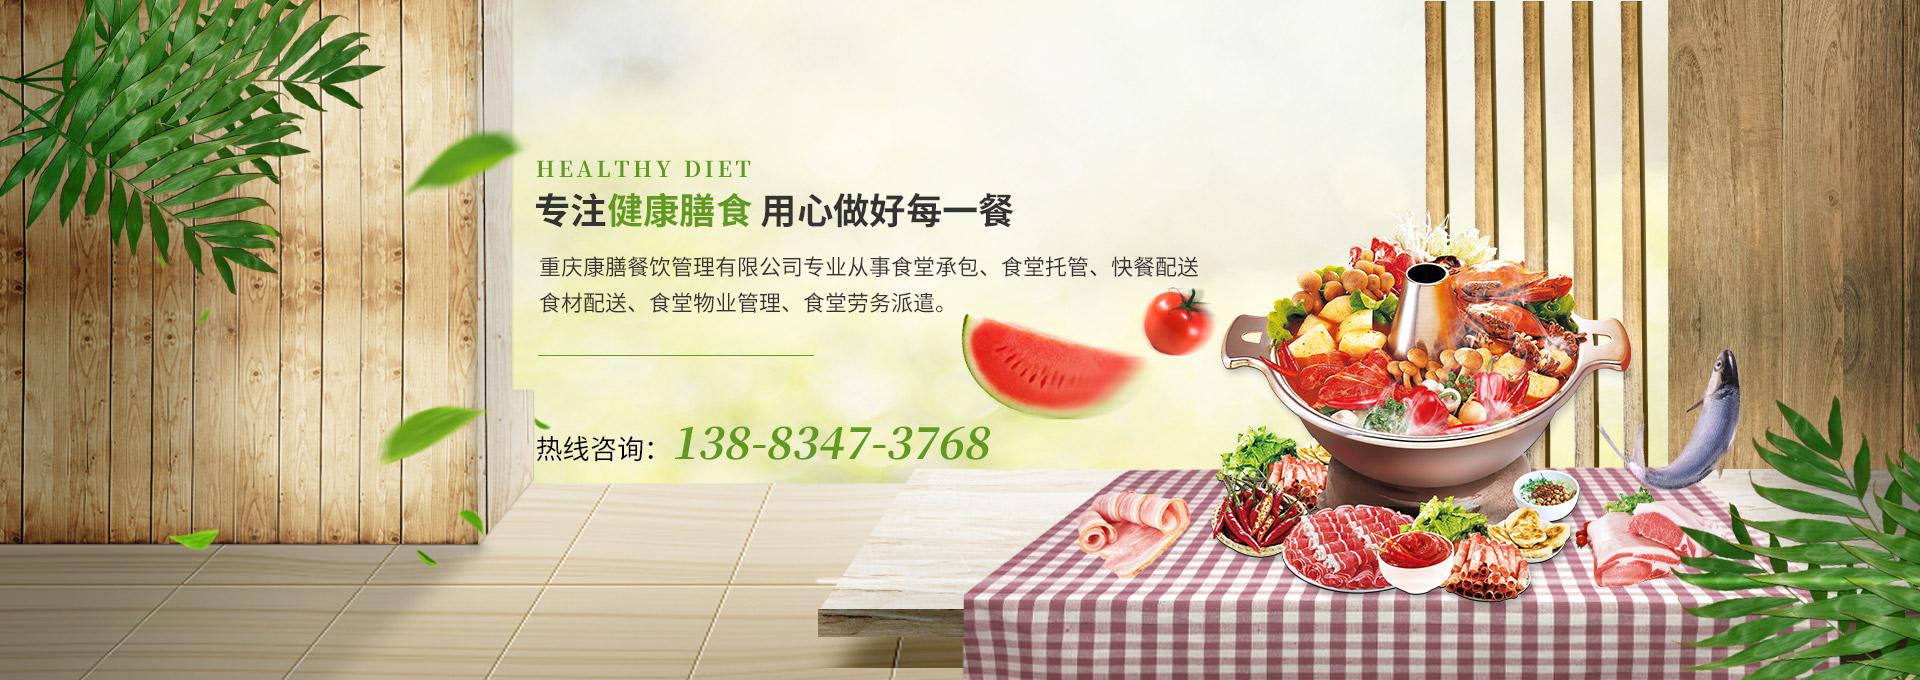 重庆食堂承包托管